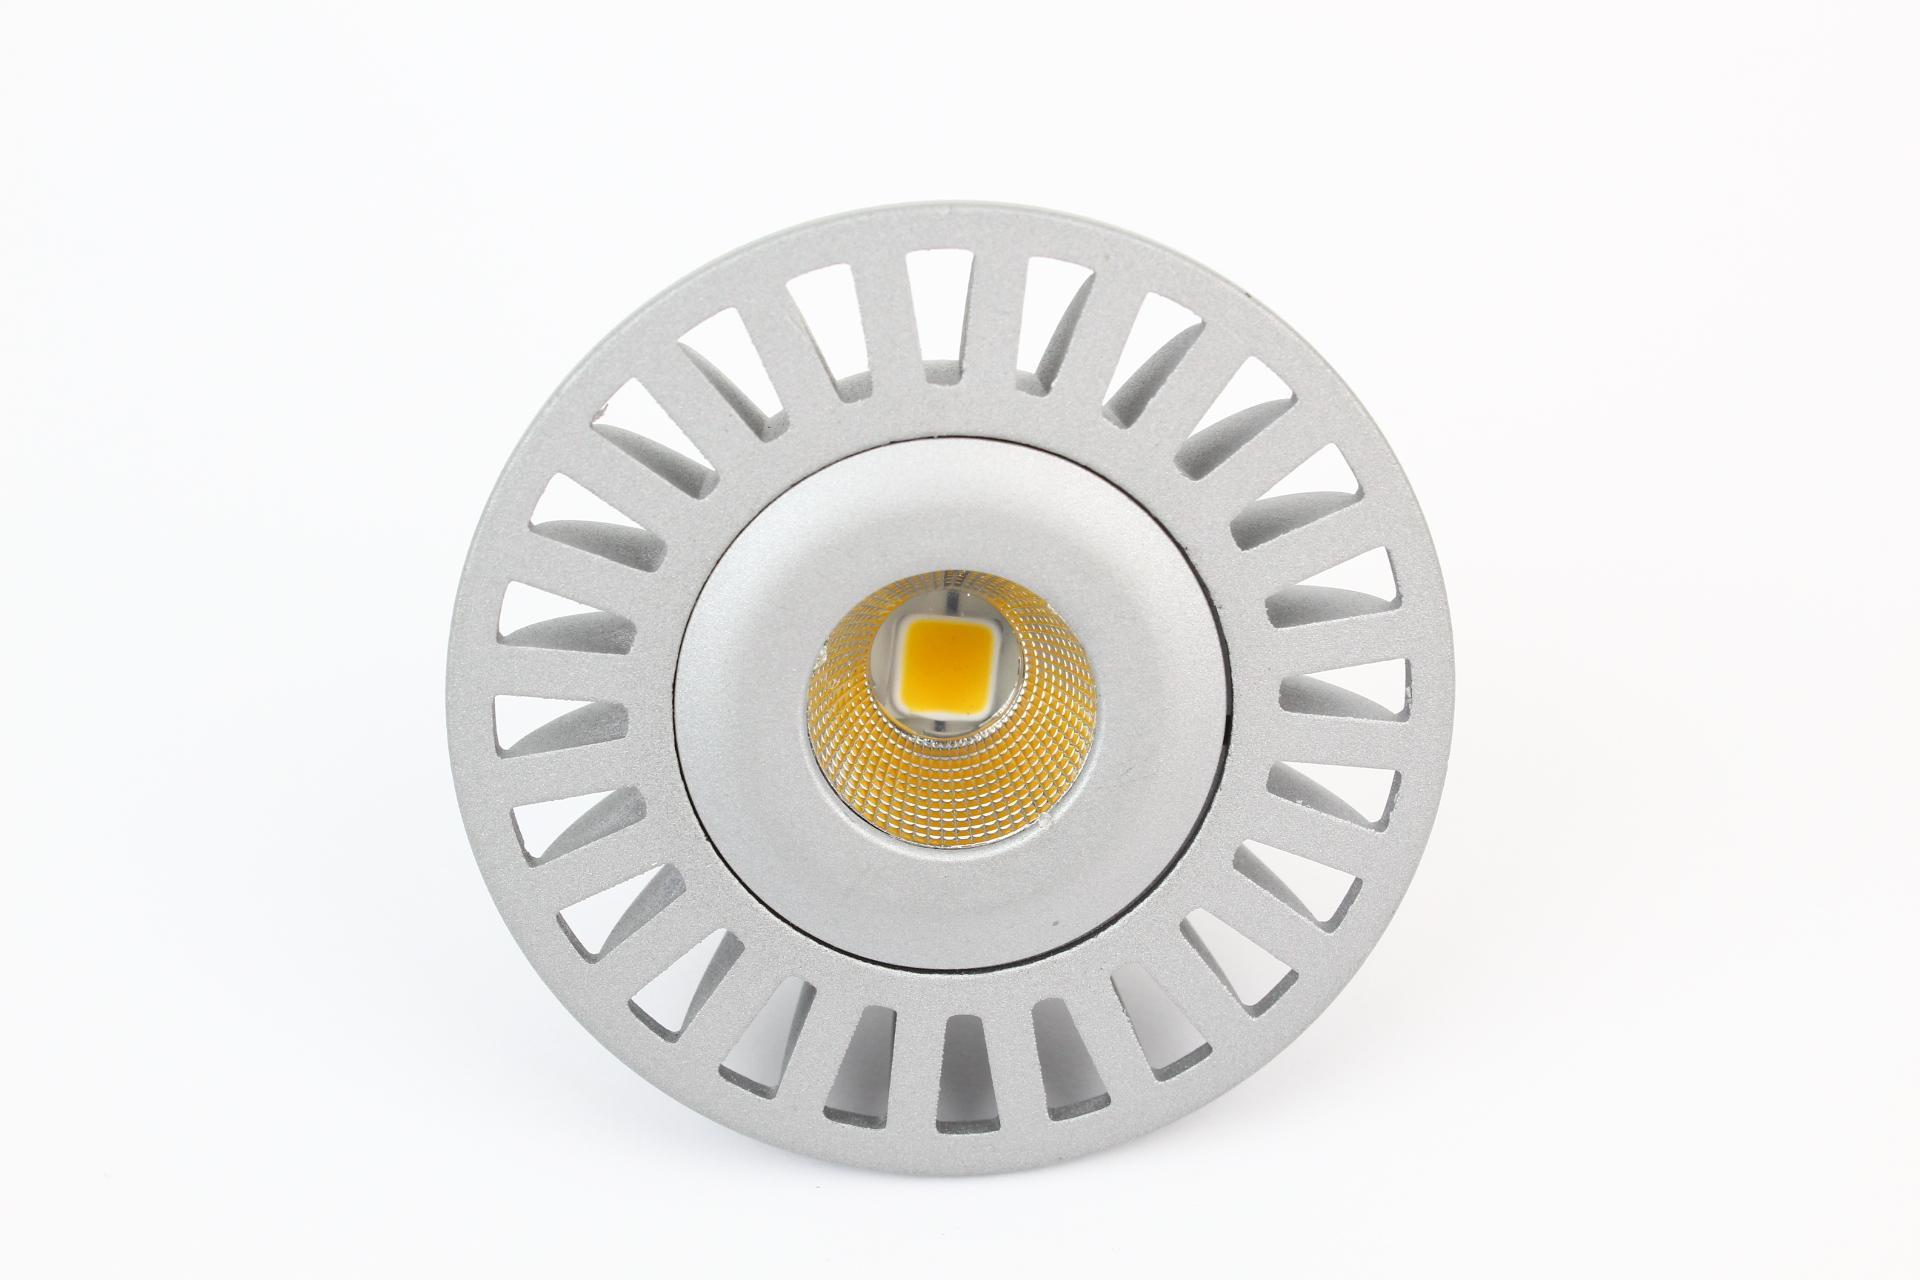 Livraison gratuite ampoule beneito faure led sharp es 63 - Ampoule led e10 230v ...